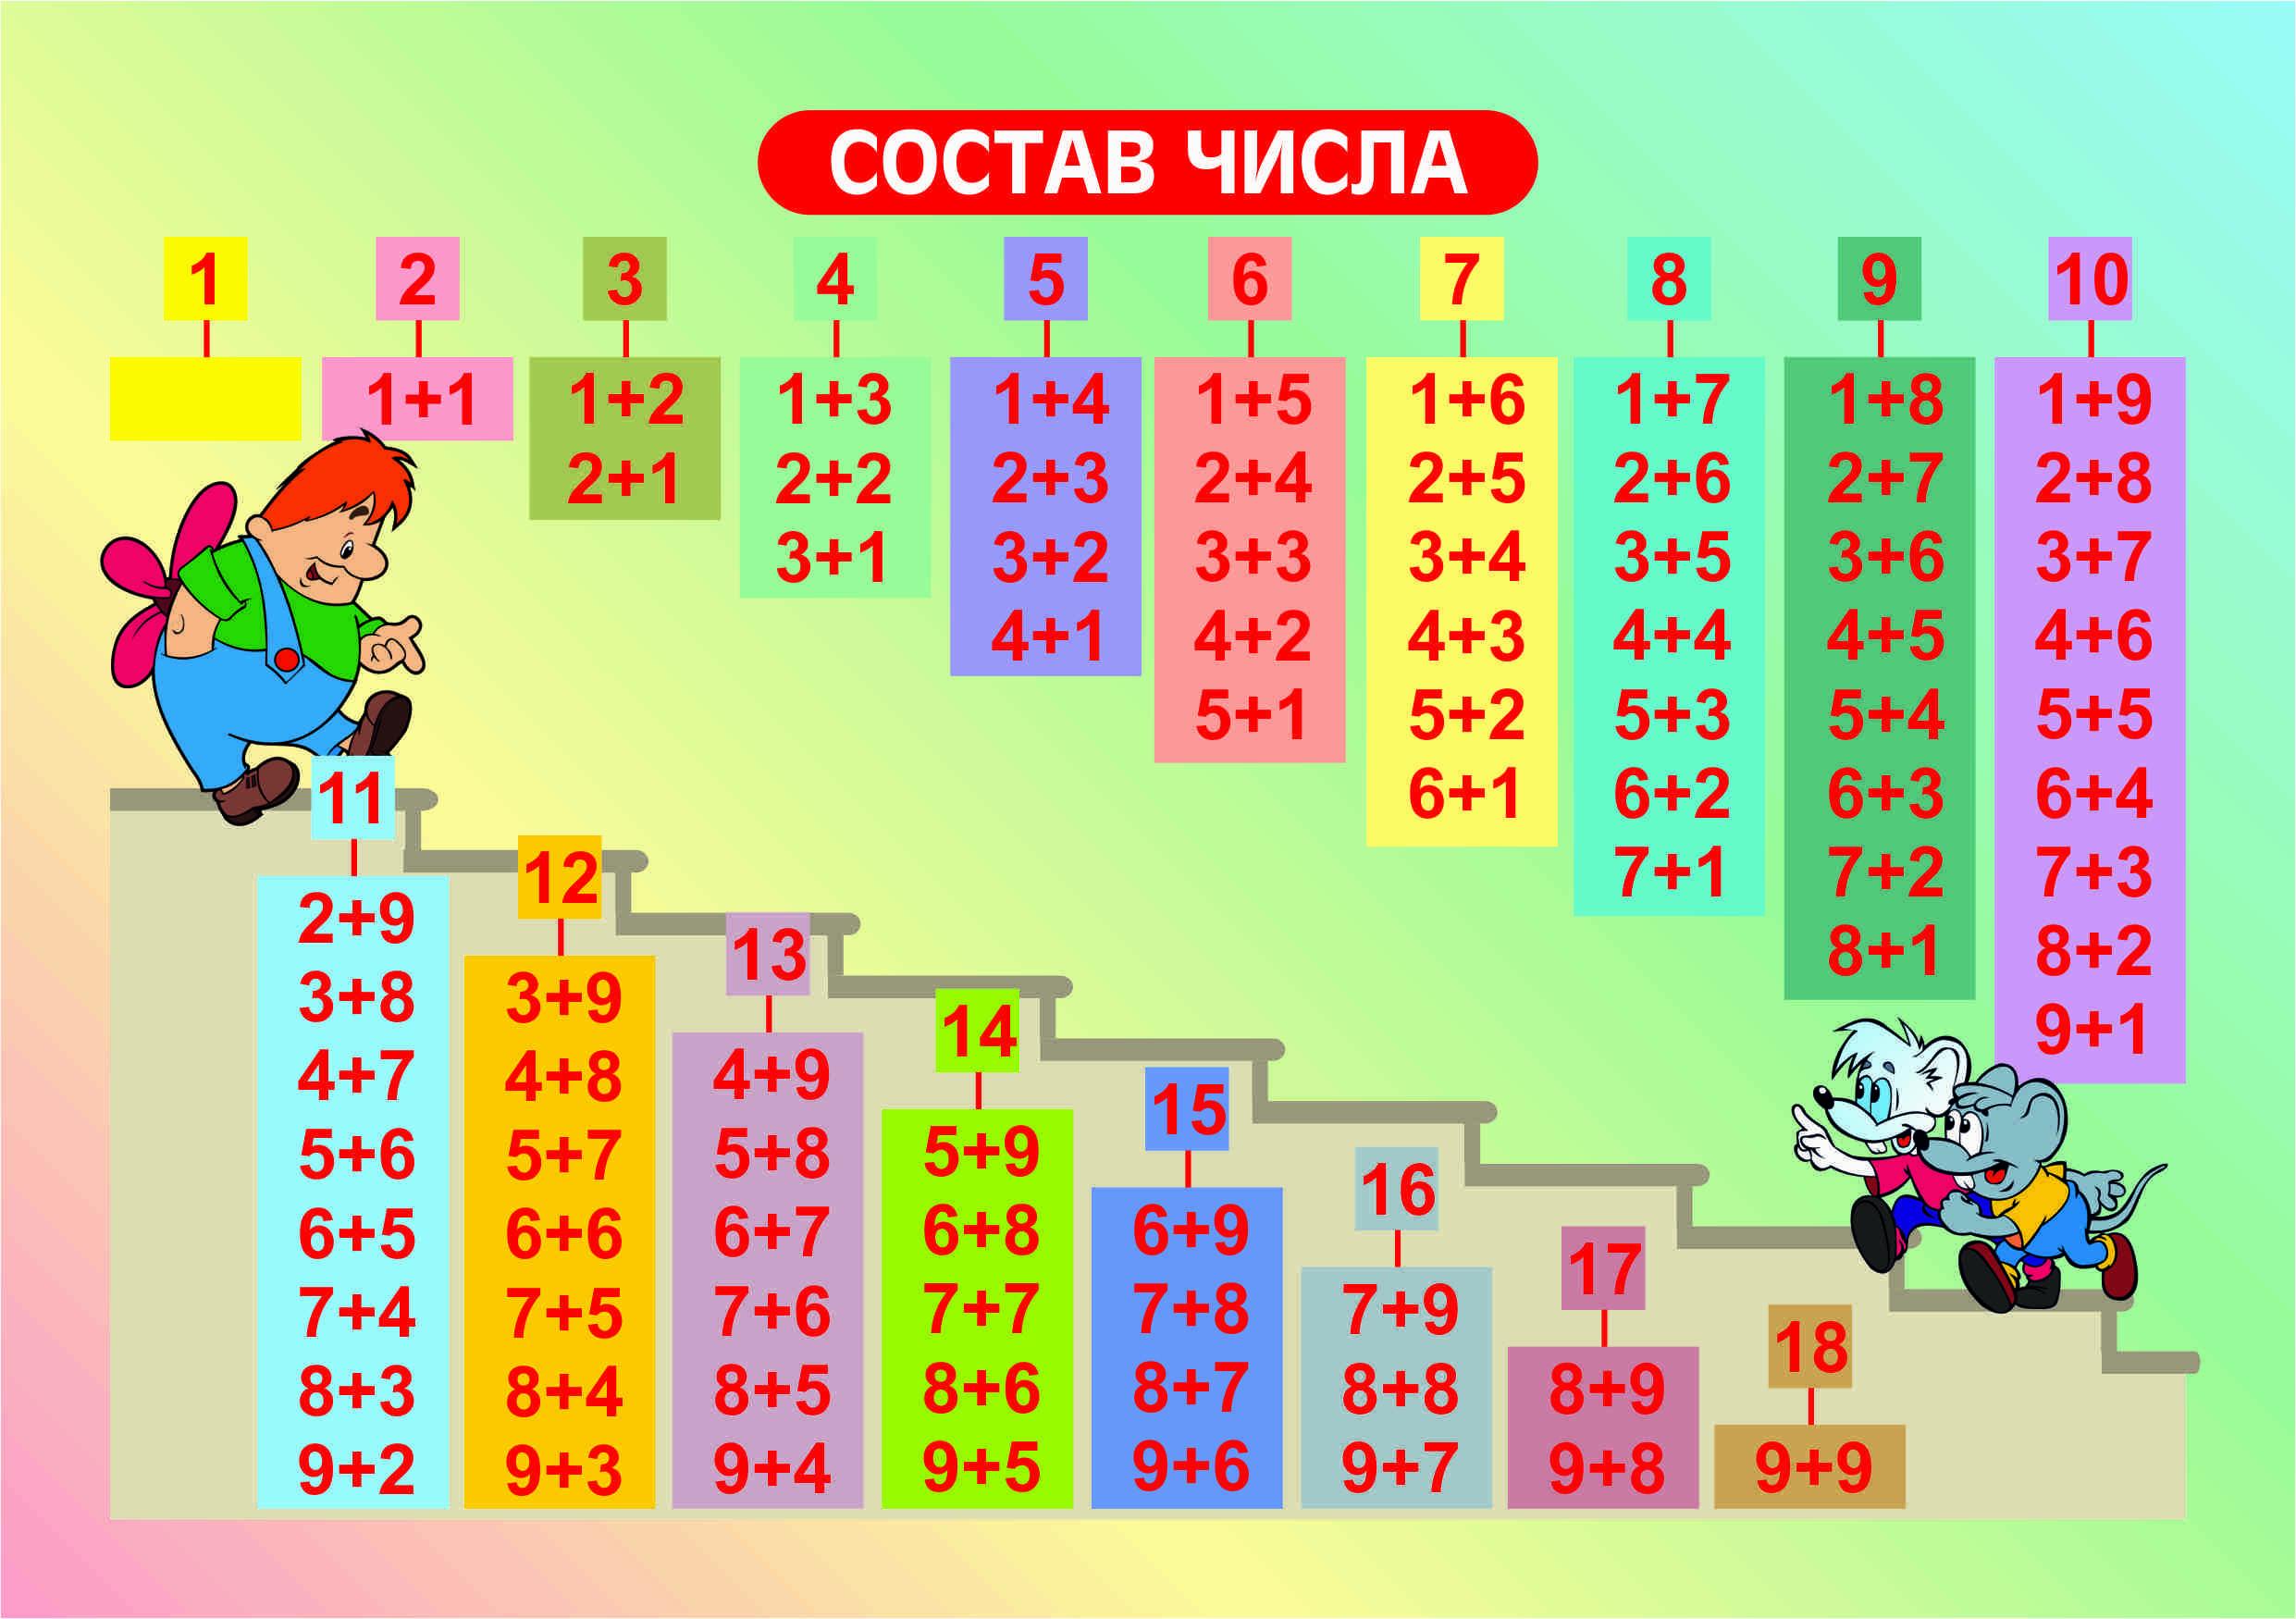 Как объяснить состав числа детям? | интерактивная образовательная платформа для обучения детей начальной и средней школы - умназия